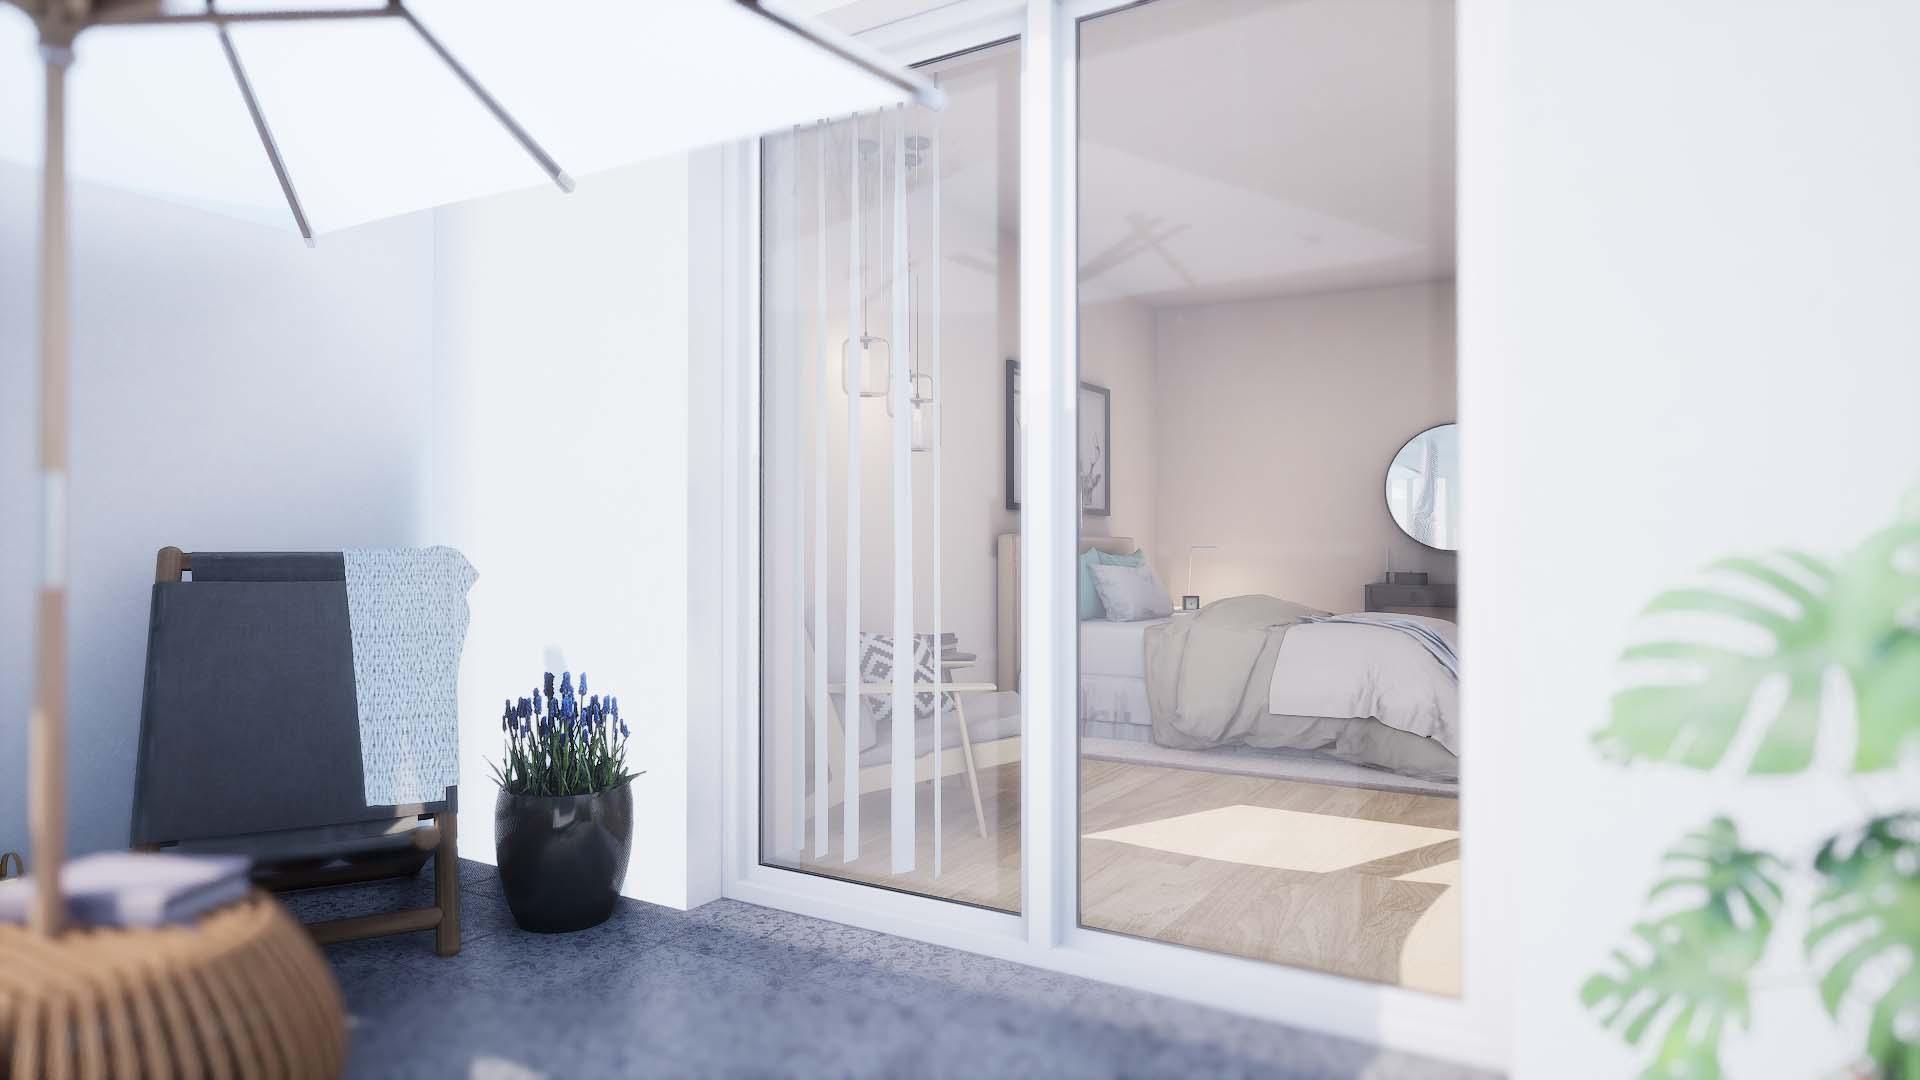 FOX CUBE 3 - Alt Friedrichsfelde - Blick vom Balkon ins Schlafzimmer